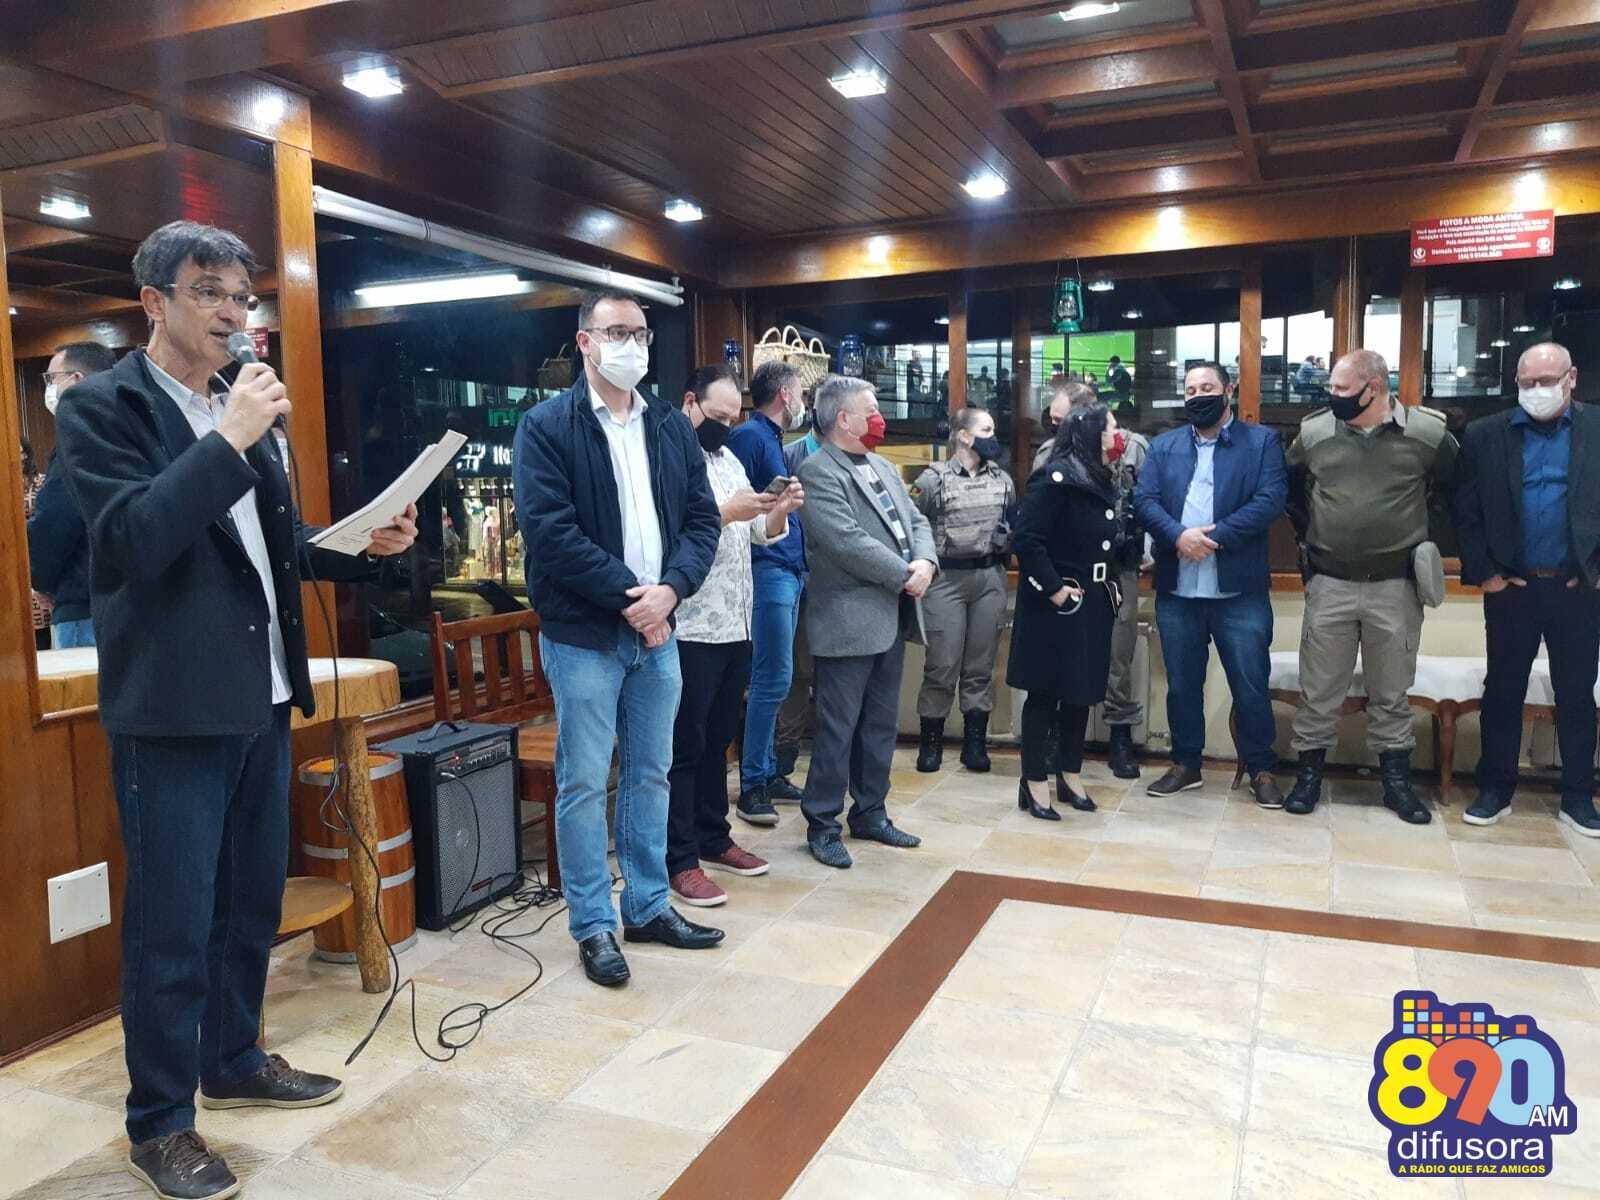 Evento marca a abertura oficial do 3º Festival de Balonismo de Bento Gonçalves